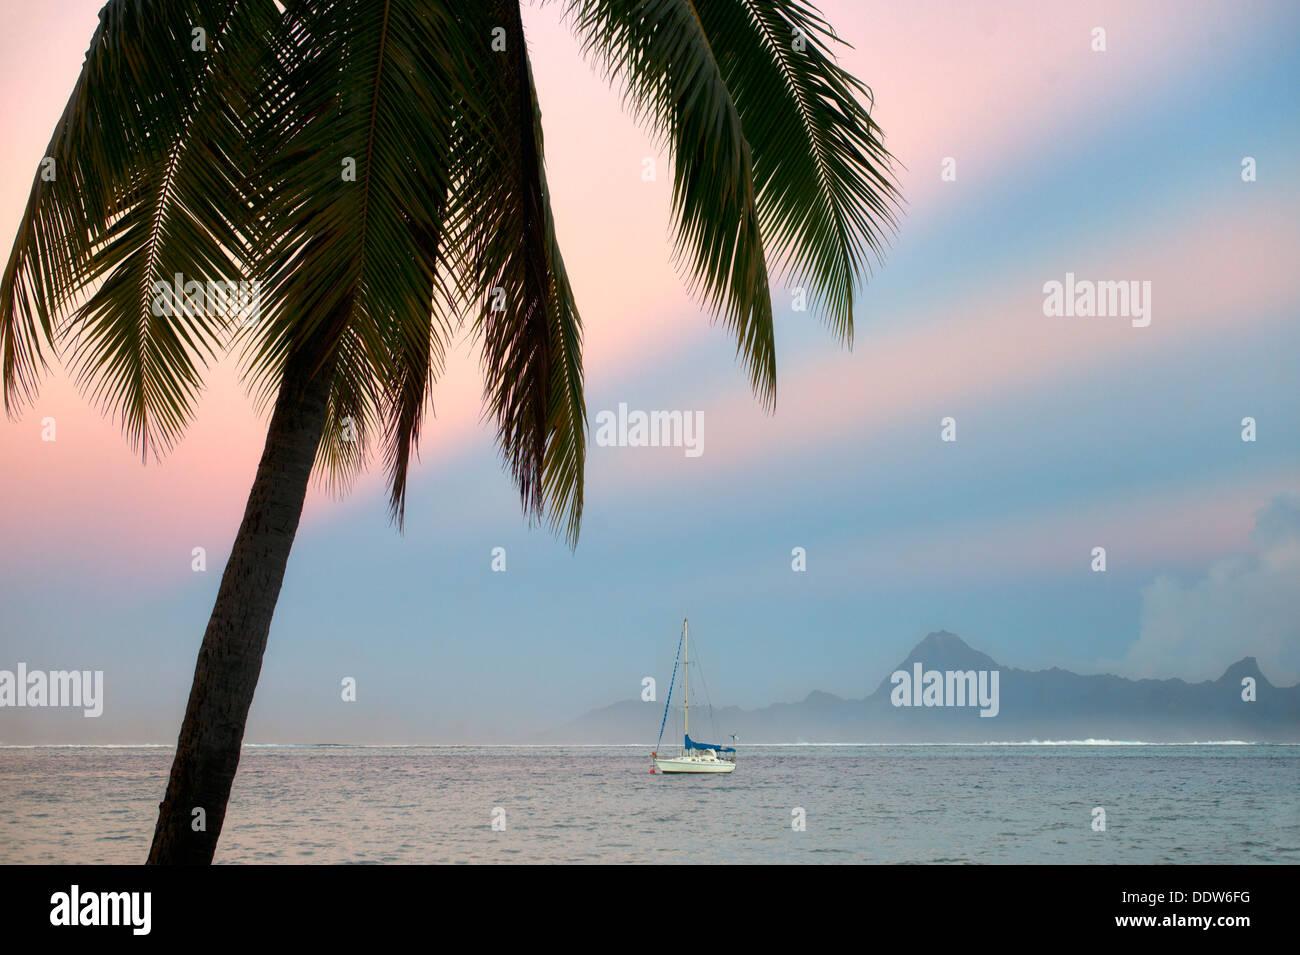 Palmier voilier, le lever du soleil et l'île de Moorea. Tahiti. Polynésie Française Photo Stock